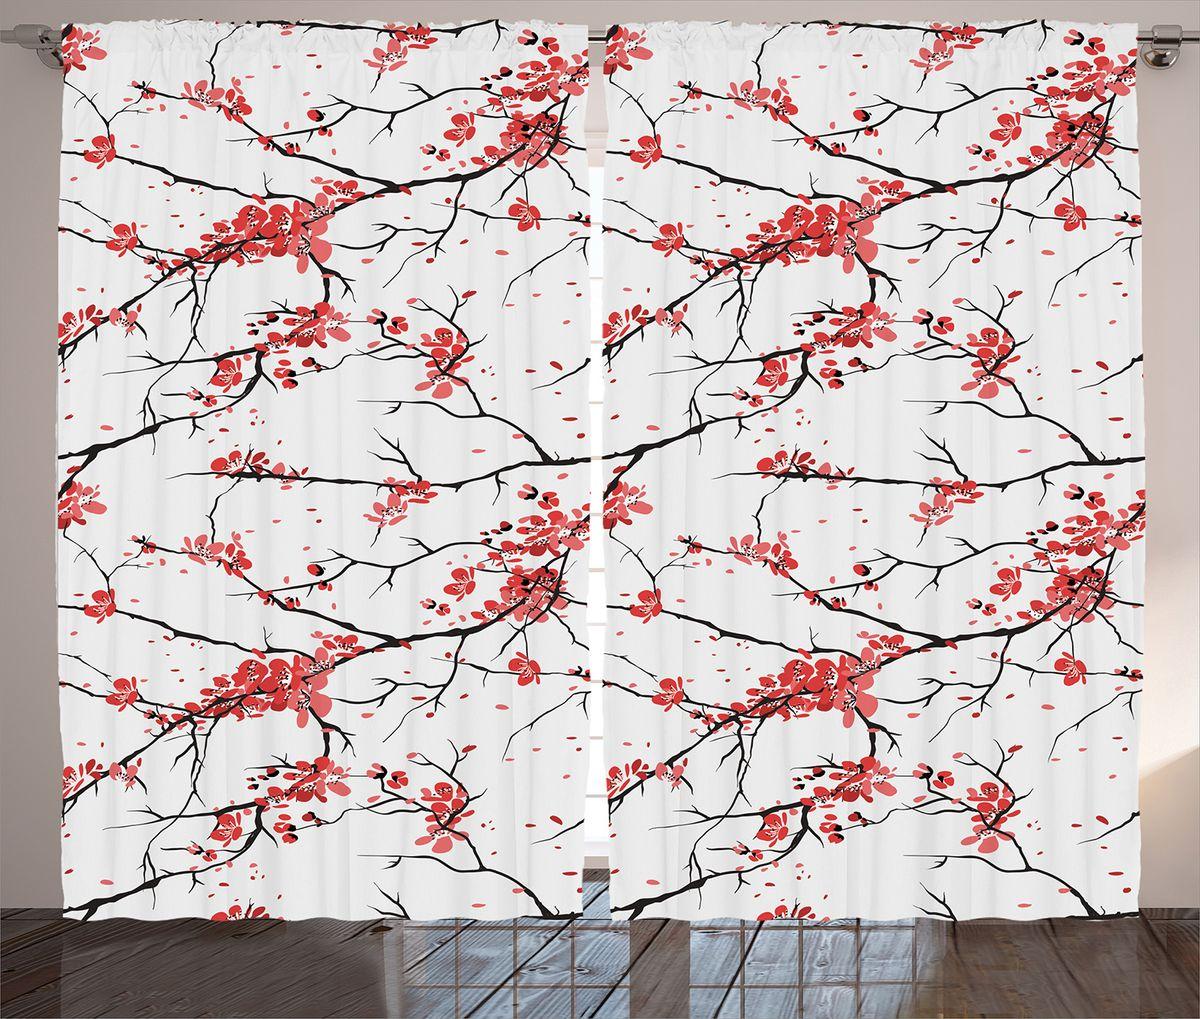 Комплект фотоштор Magic Lady Тонки ветви в цветах, на ленте, высота 265 см. шсг_14320шсг_14320Компания Сэмболь изготавливает шторы из высококачественного сатена (полиэстер 100%). При изготовлении используются специальные гипоаллергенные чернила для прямой печати по ткани, безопасные для человека и животных. Экологичность продукции Magic lady и безопасность для окружающей среды подтверждены сертификатом Oeko-Tex Standard 100. Крепление: крючки для крепления на шторной ленте (50 шт). Возможно крепление на трубу. Внимание! При нанесении сублимационной печати на ткань технологическим методом при температуре 240°С, возможно отклонение полученных размеров (указанных на этикетке и сайте) от стандартных на + - 3-5 см. Производитель старается максимально точно передать цвета изделия на фотографиях, однако искажения неизбежны и фактический цвет изделия может отличаться от воспринимаемого по фото. Обратите внимание! Шторы изготовлены из полиэстра сатенового переплетения, а не из сатина (хлопок). Размер одного полотна шторы: 145х265 см. В комплекте 2...